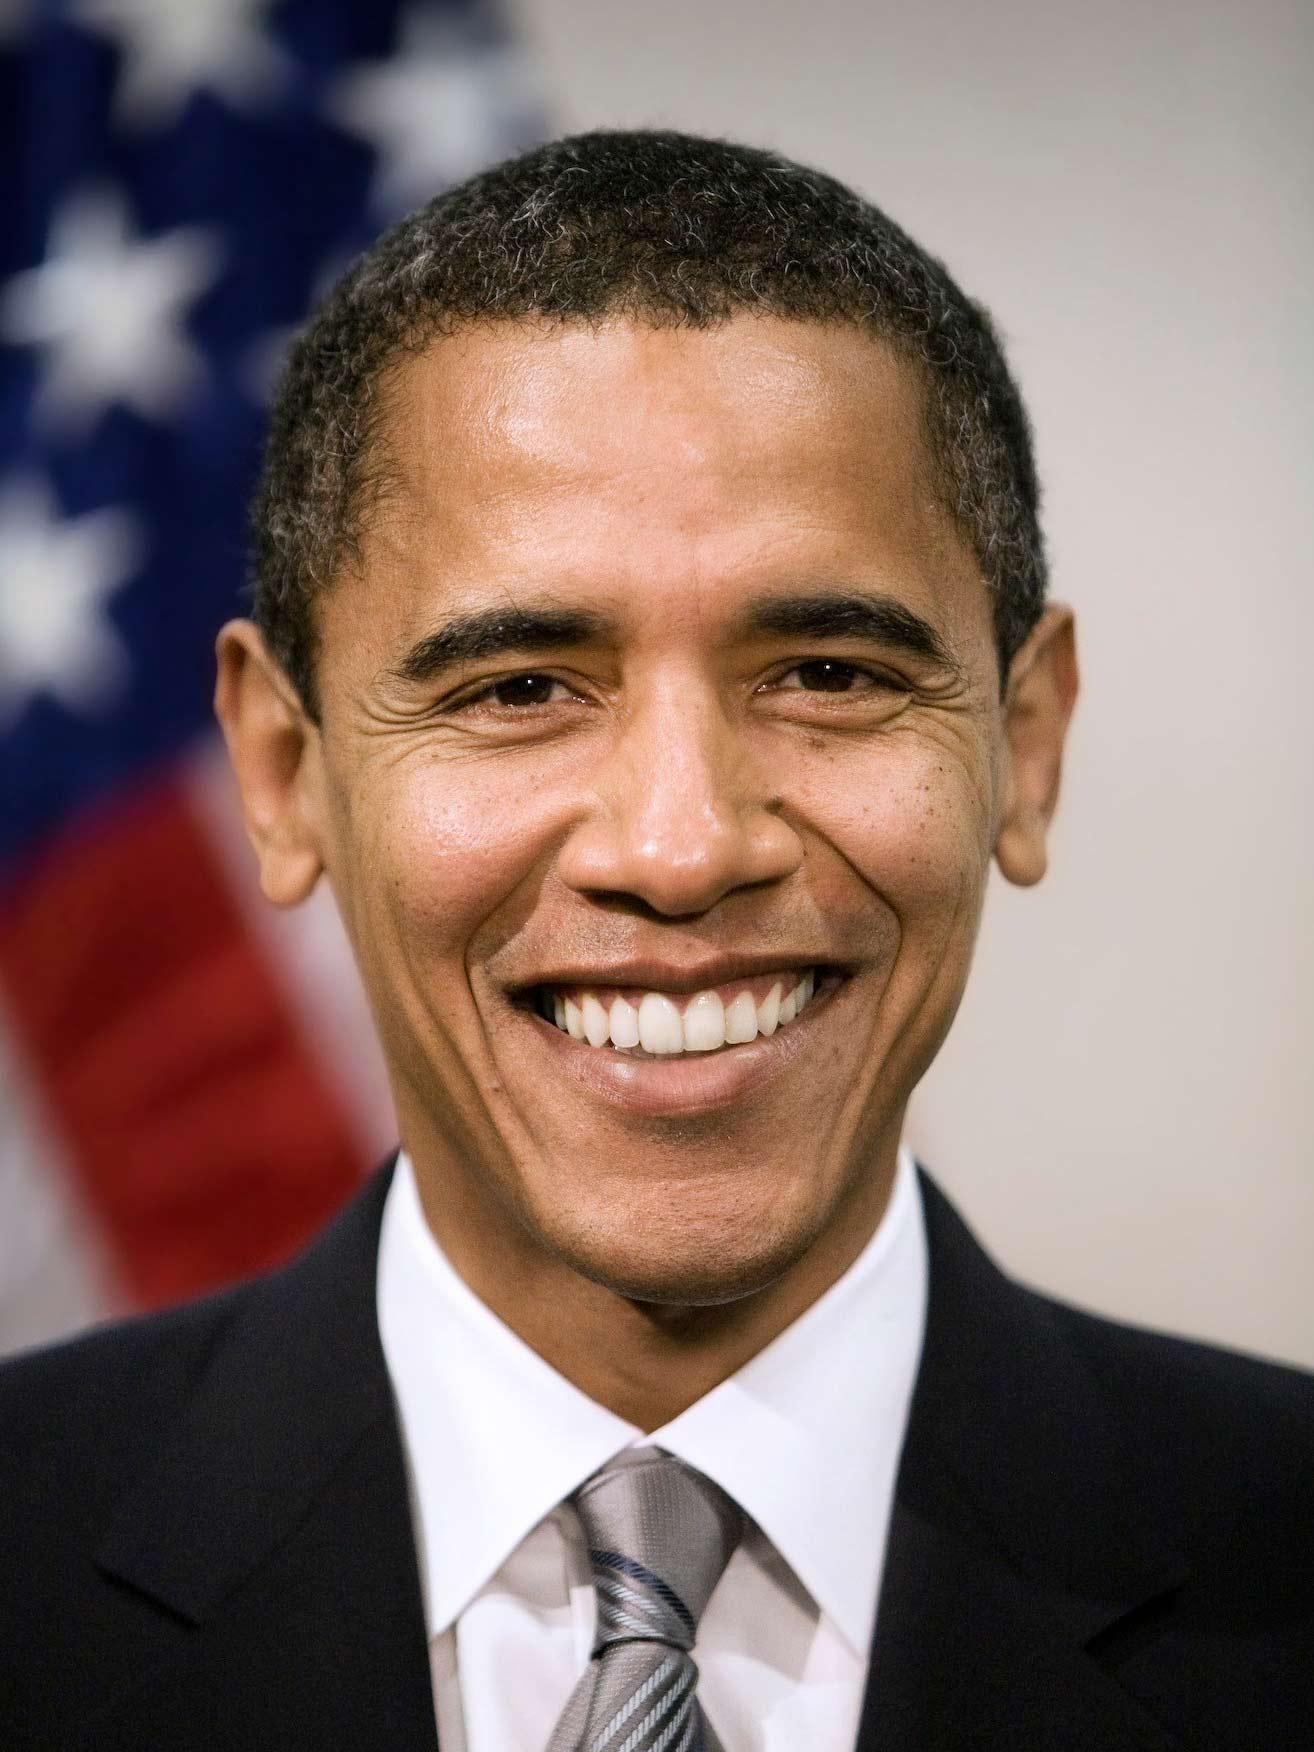 Plik:Obama.jpg